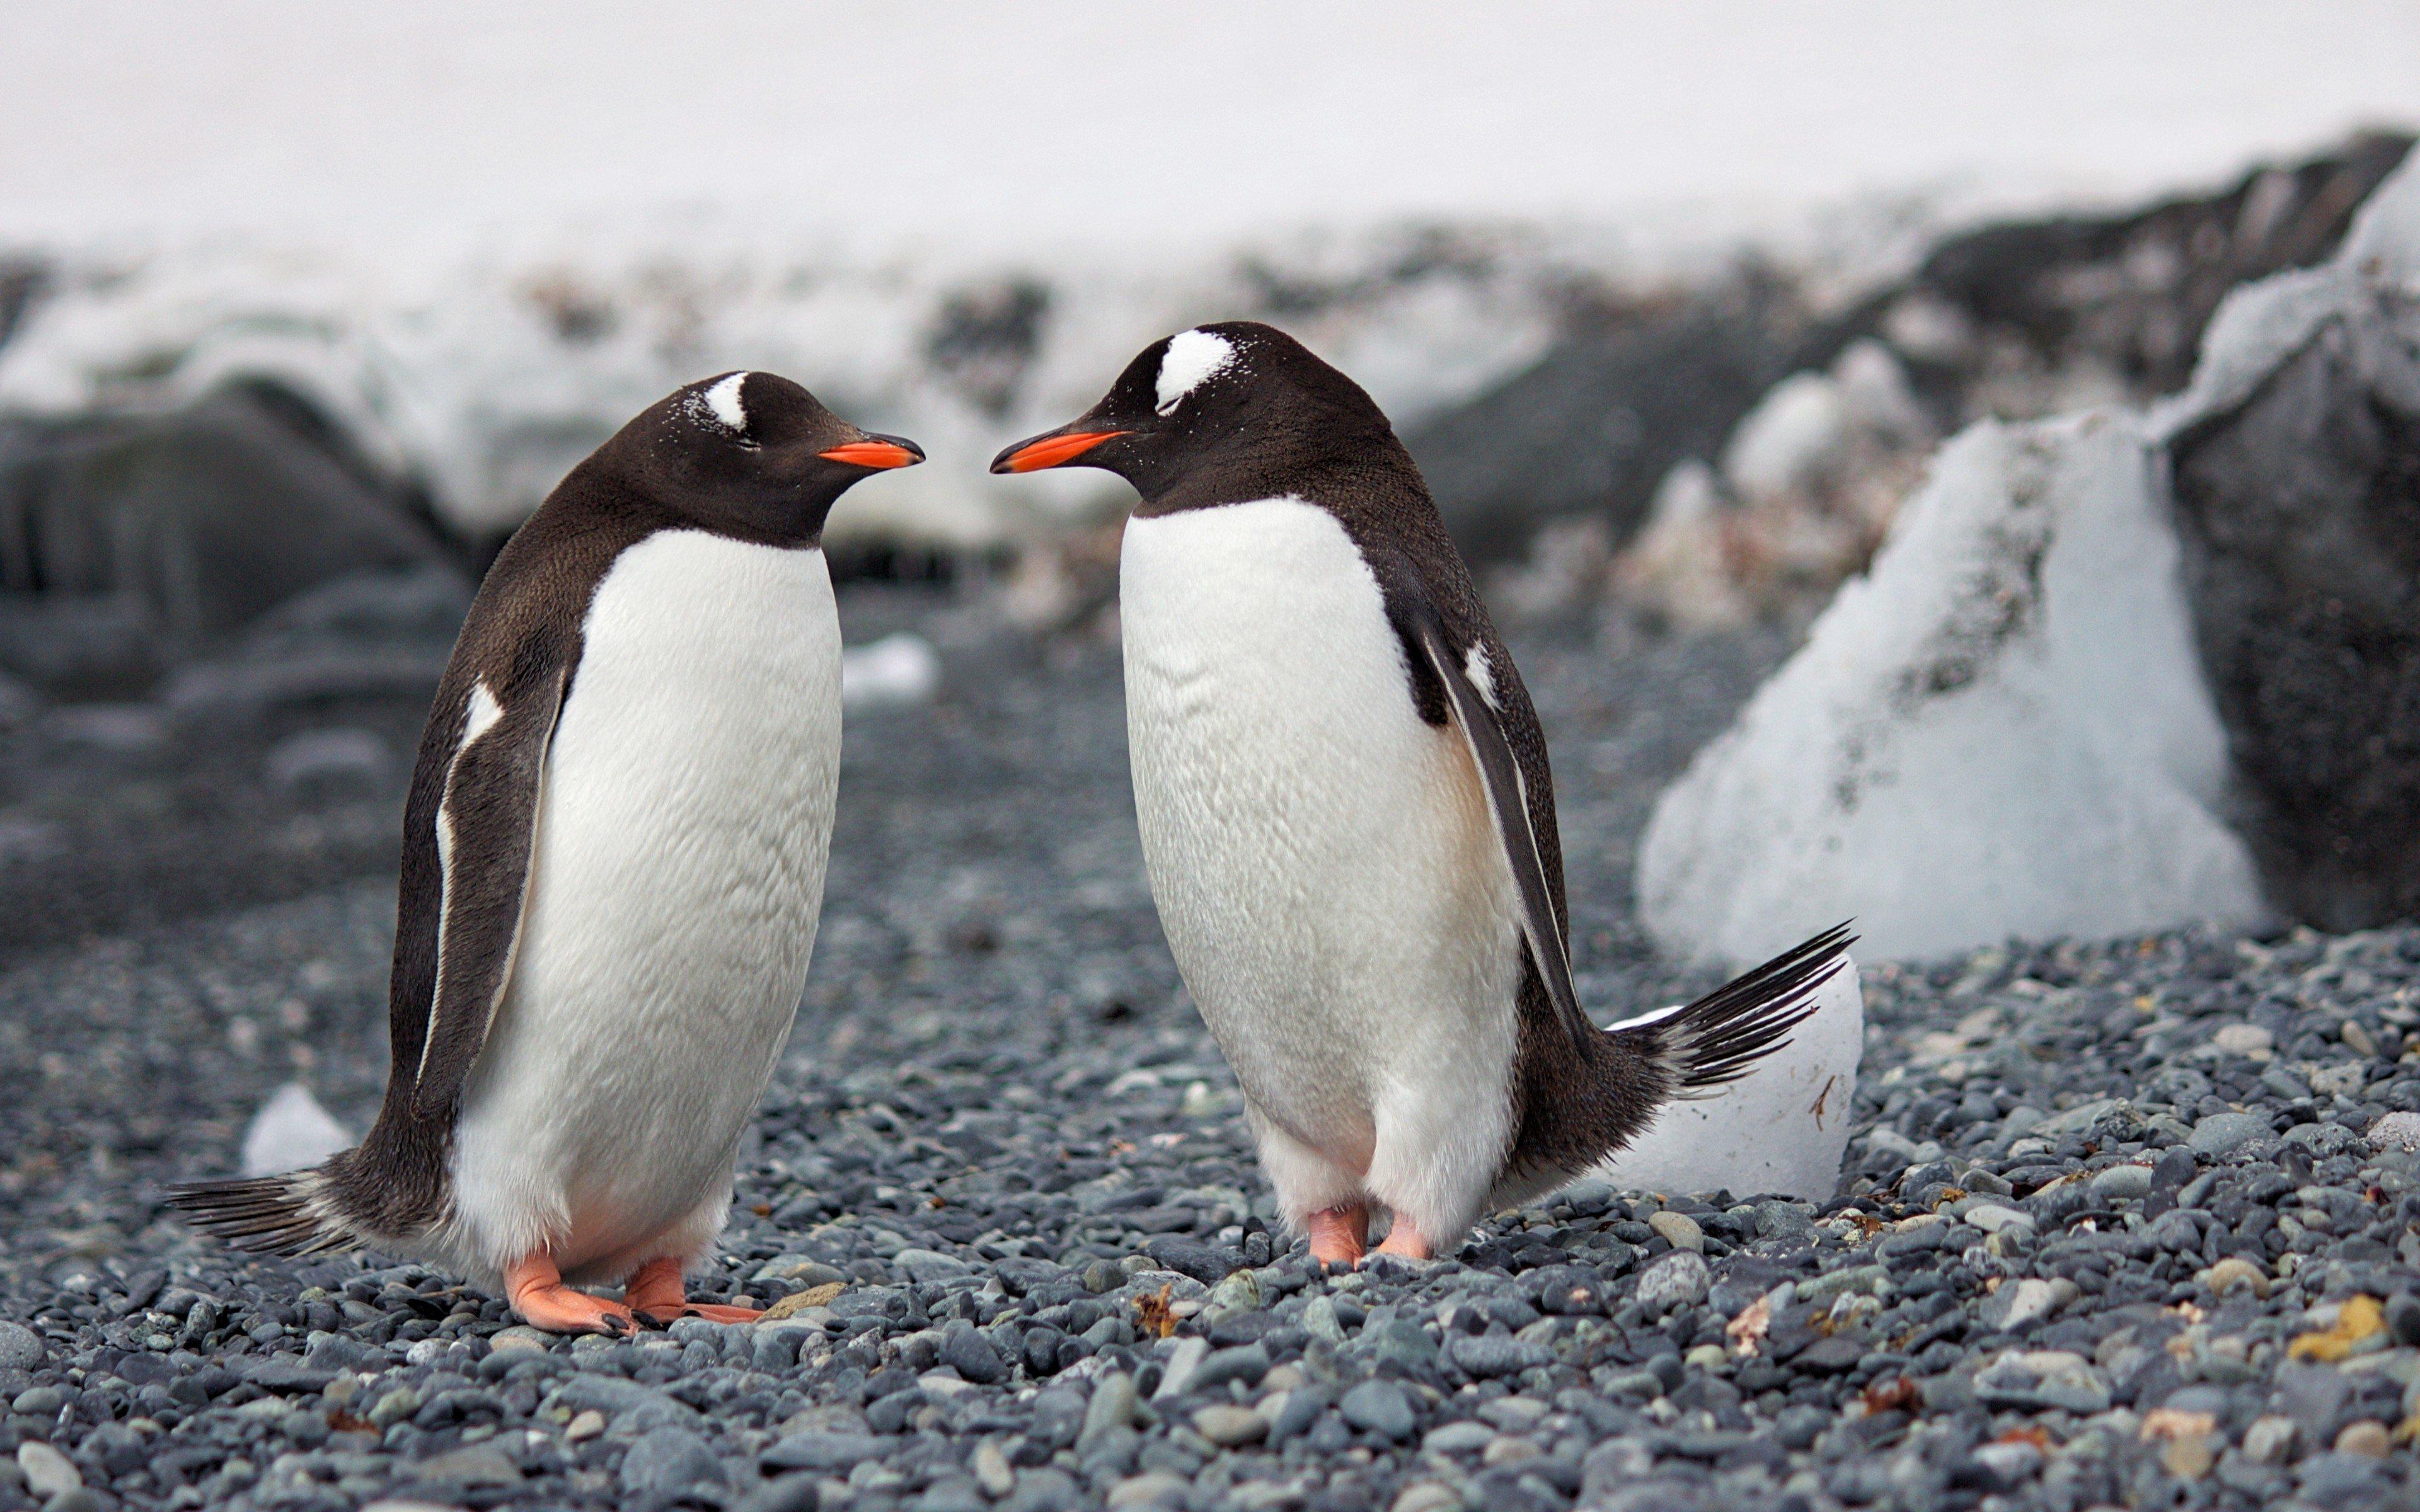 Fondos de pantalla Dos pingüinos